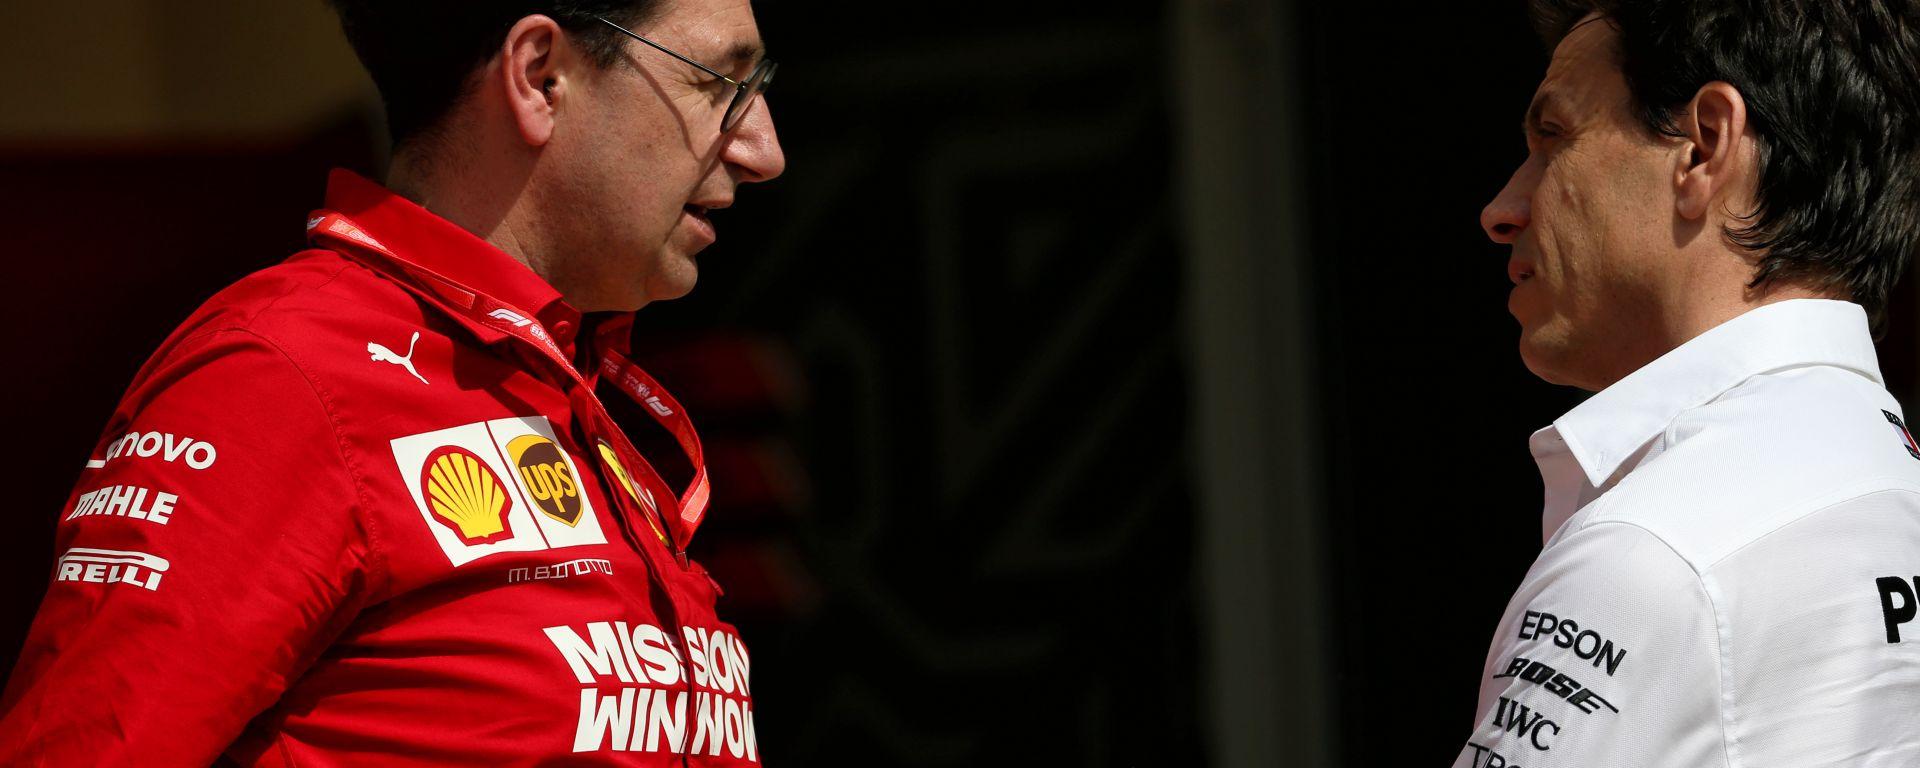 """Griglia invertita, Binotto critica la Mercedes: """"Un'occasione persa"""""""